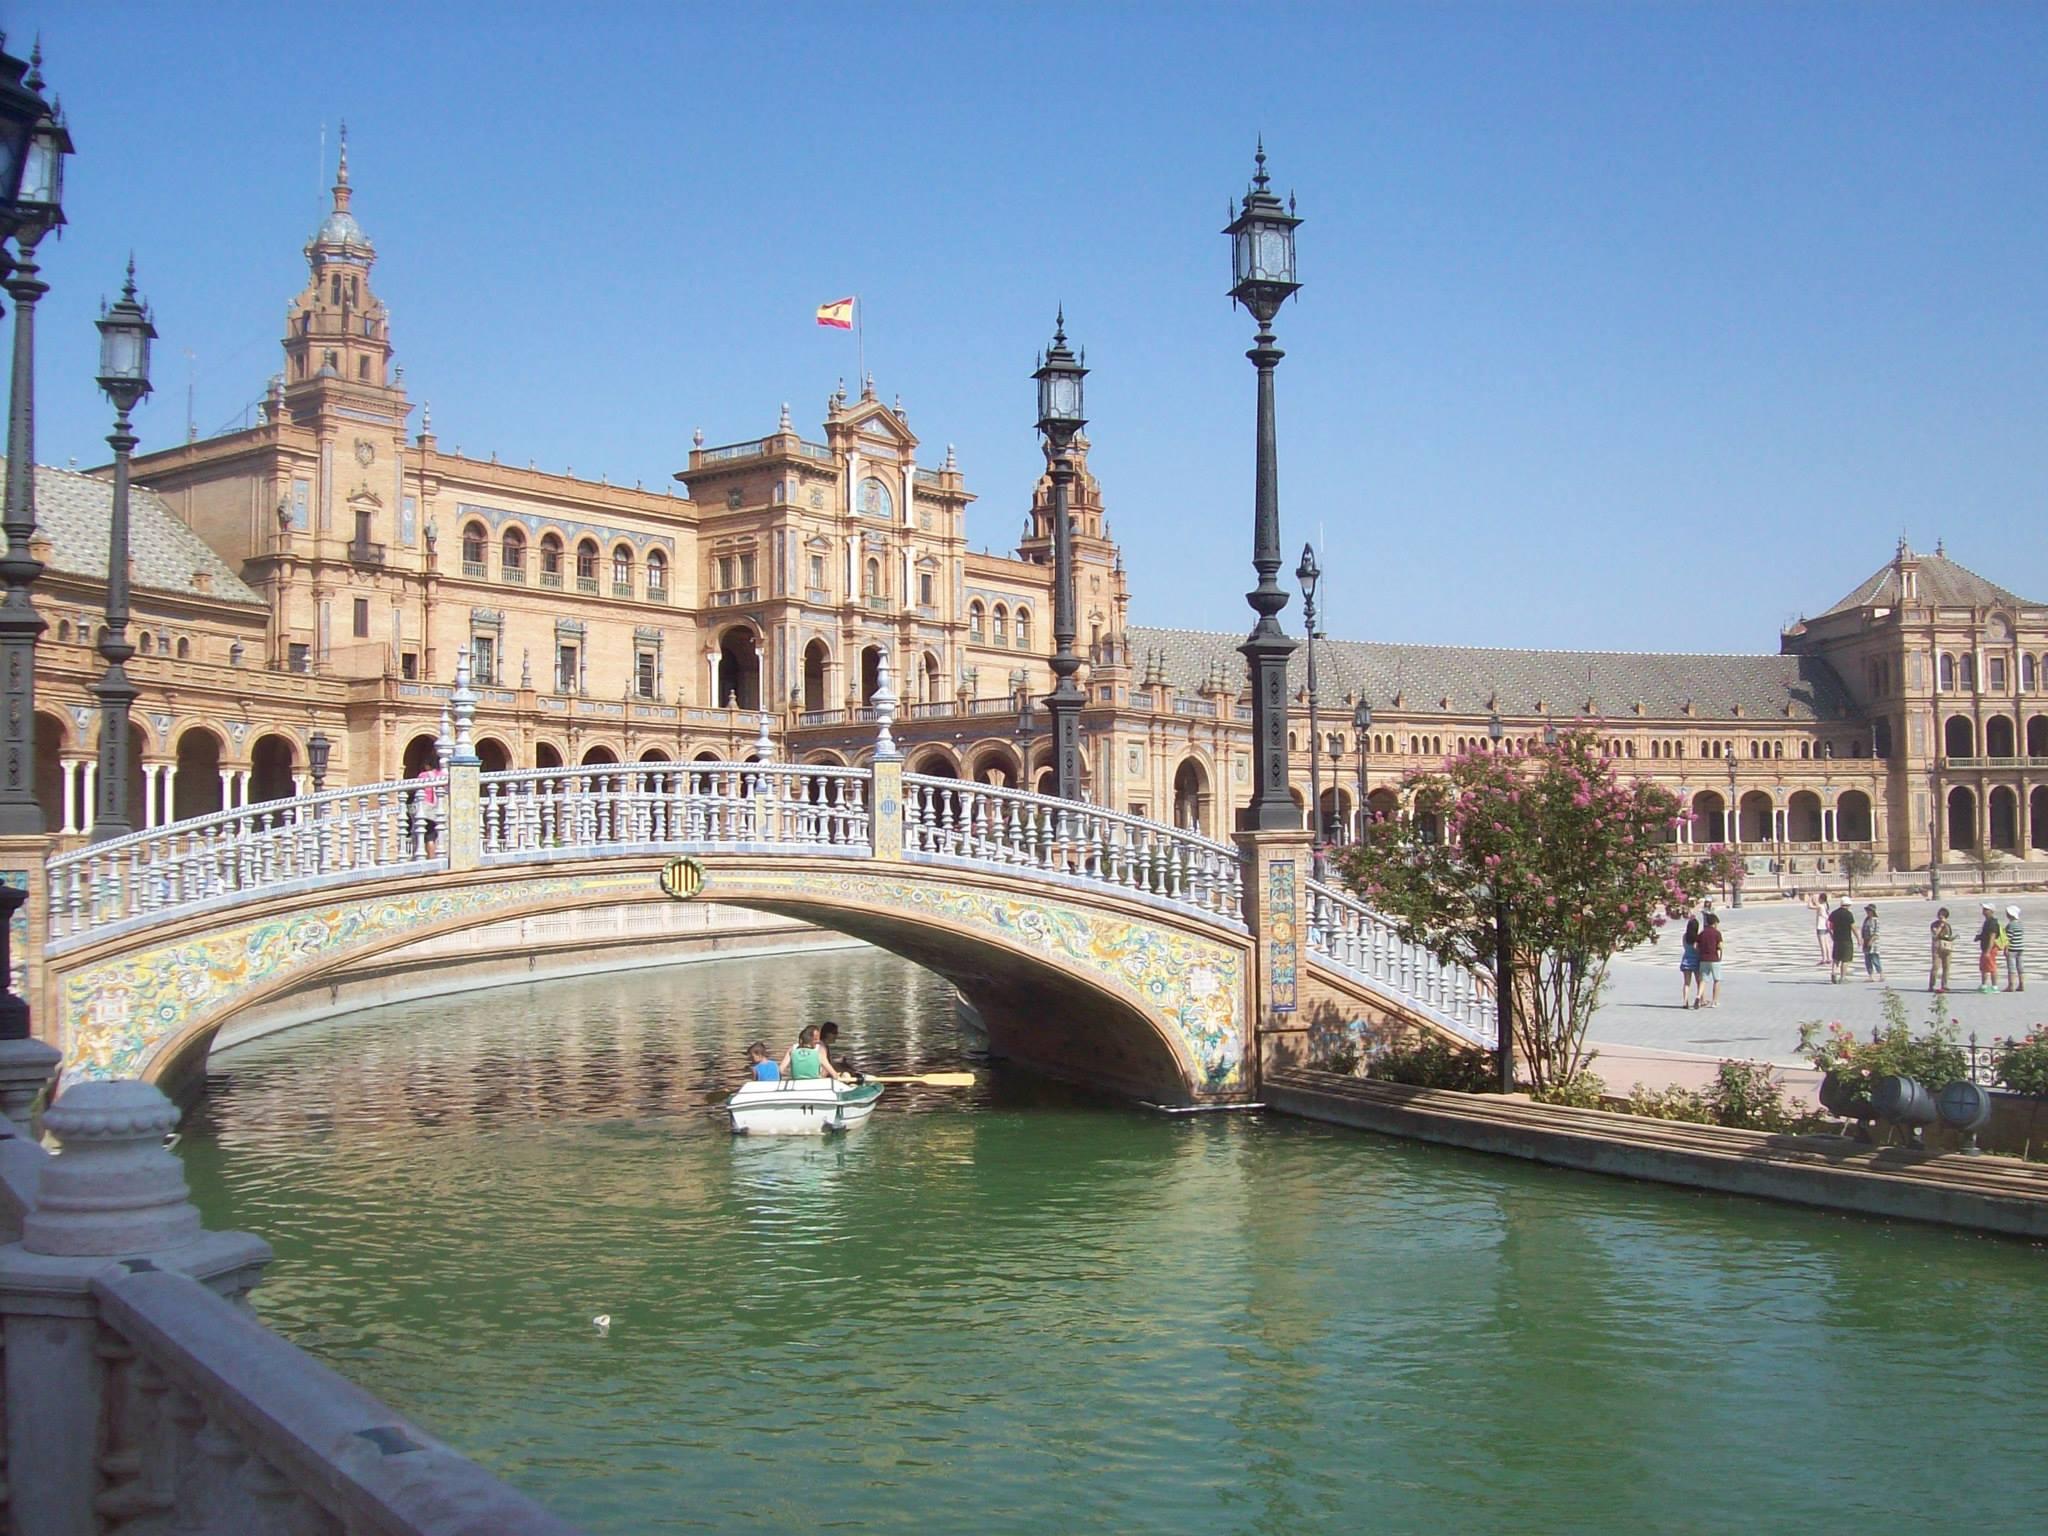 Los lugares m s visitados de espa a la pen nsula ib rica for Sitios turisticos de madrid espana